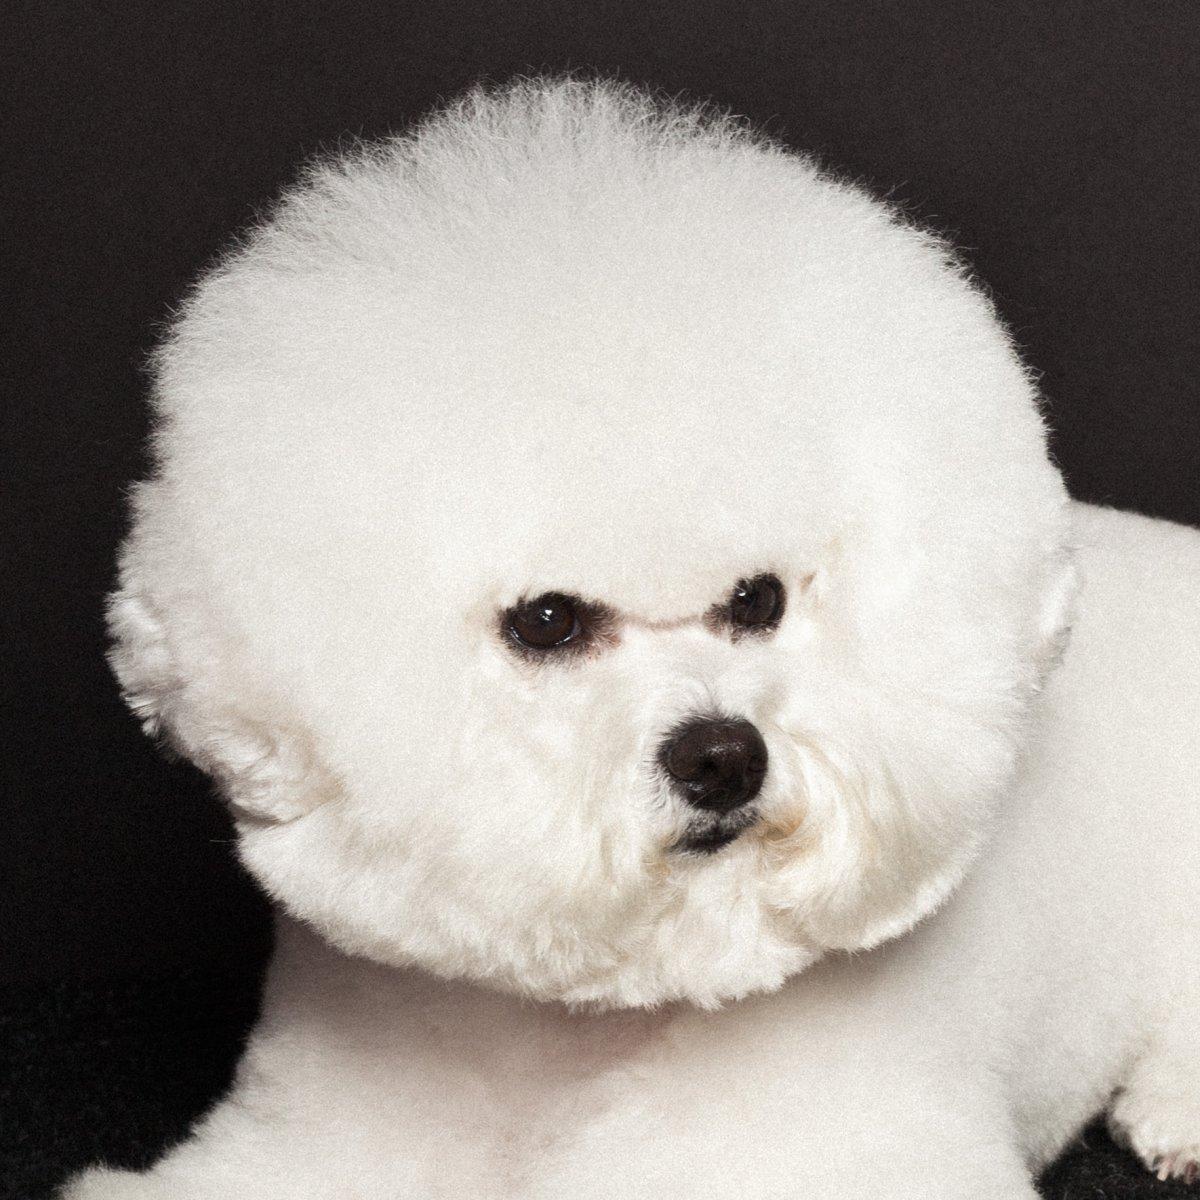 Concurso de moda canina mostra porque os cães mordem gente 08